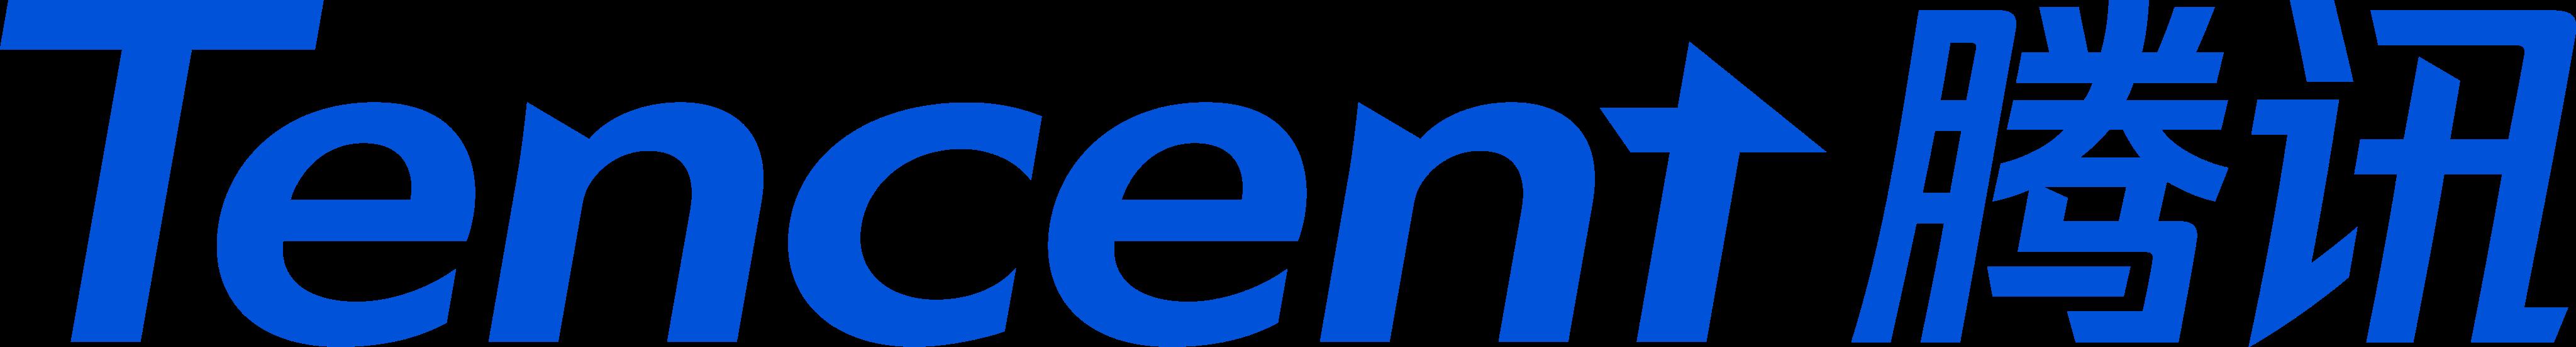 tencent logo - Tencent Logo